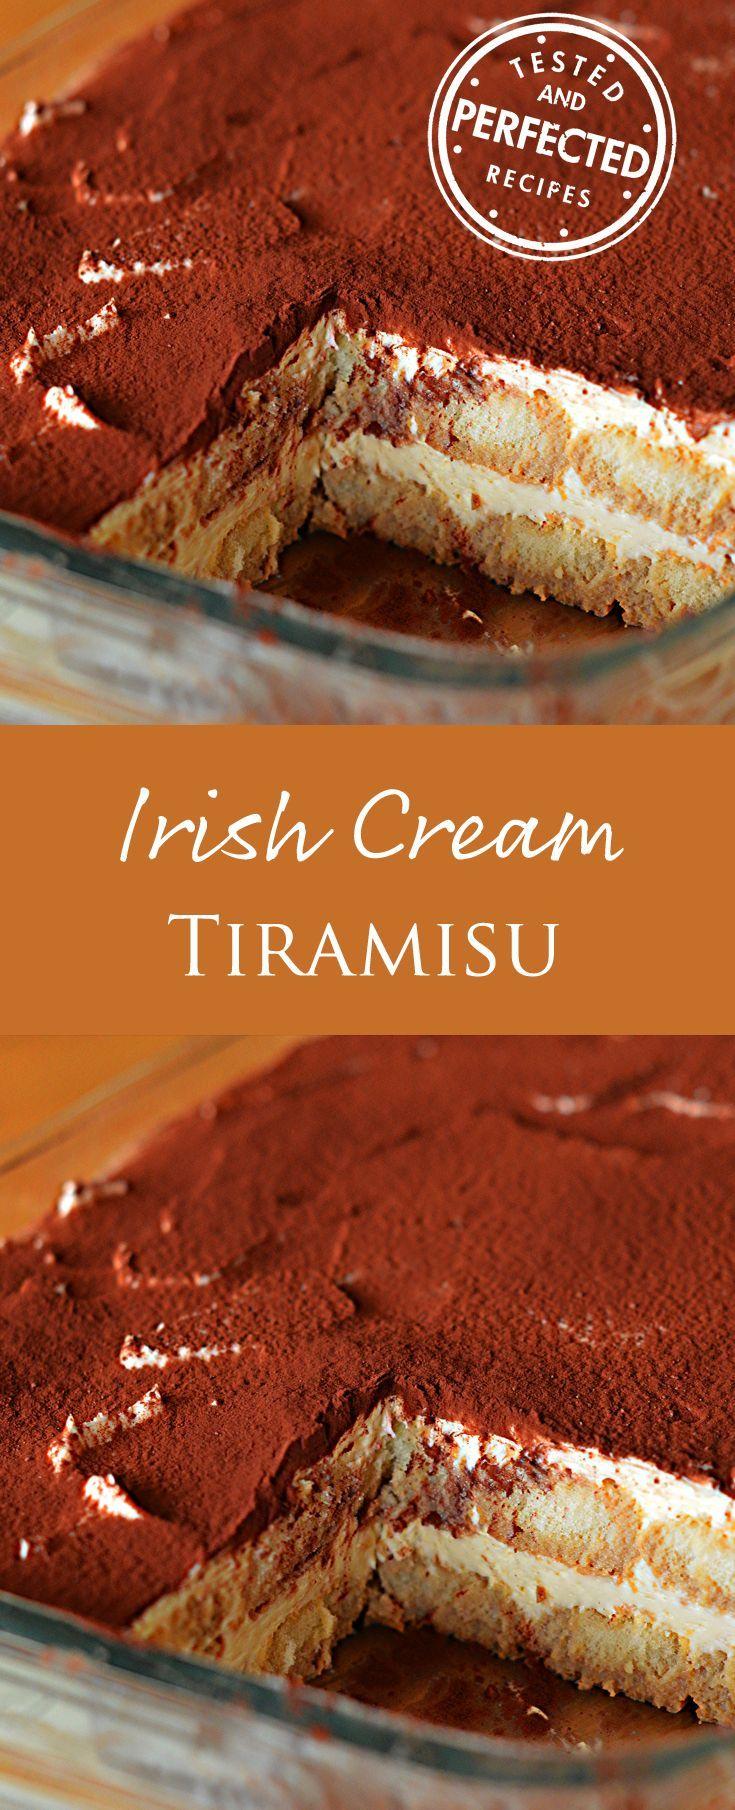 Irish Cream Tiramisu